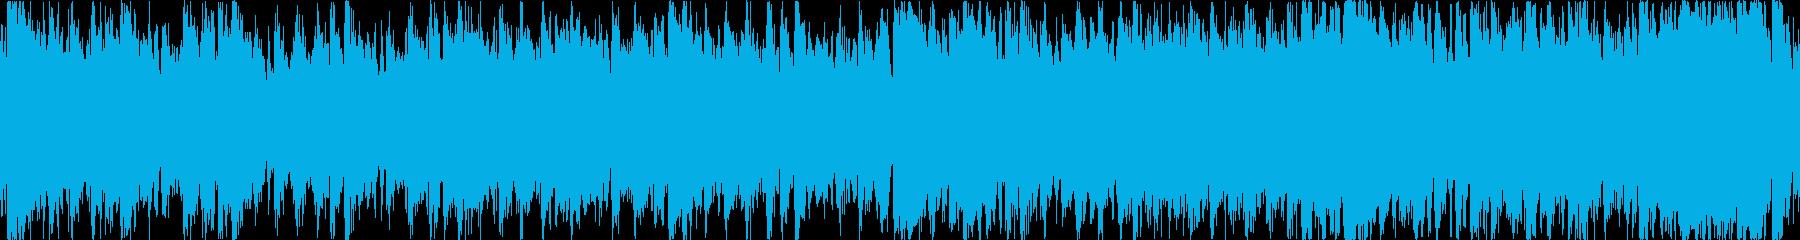 壮大なイメージのオーケストラのバトルル…の再生済みの波形